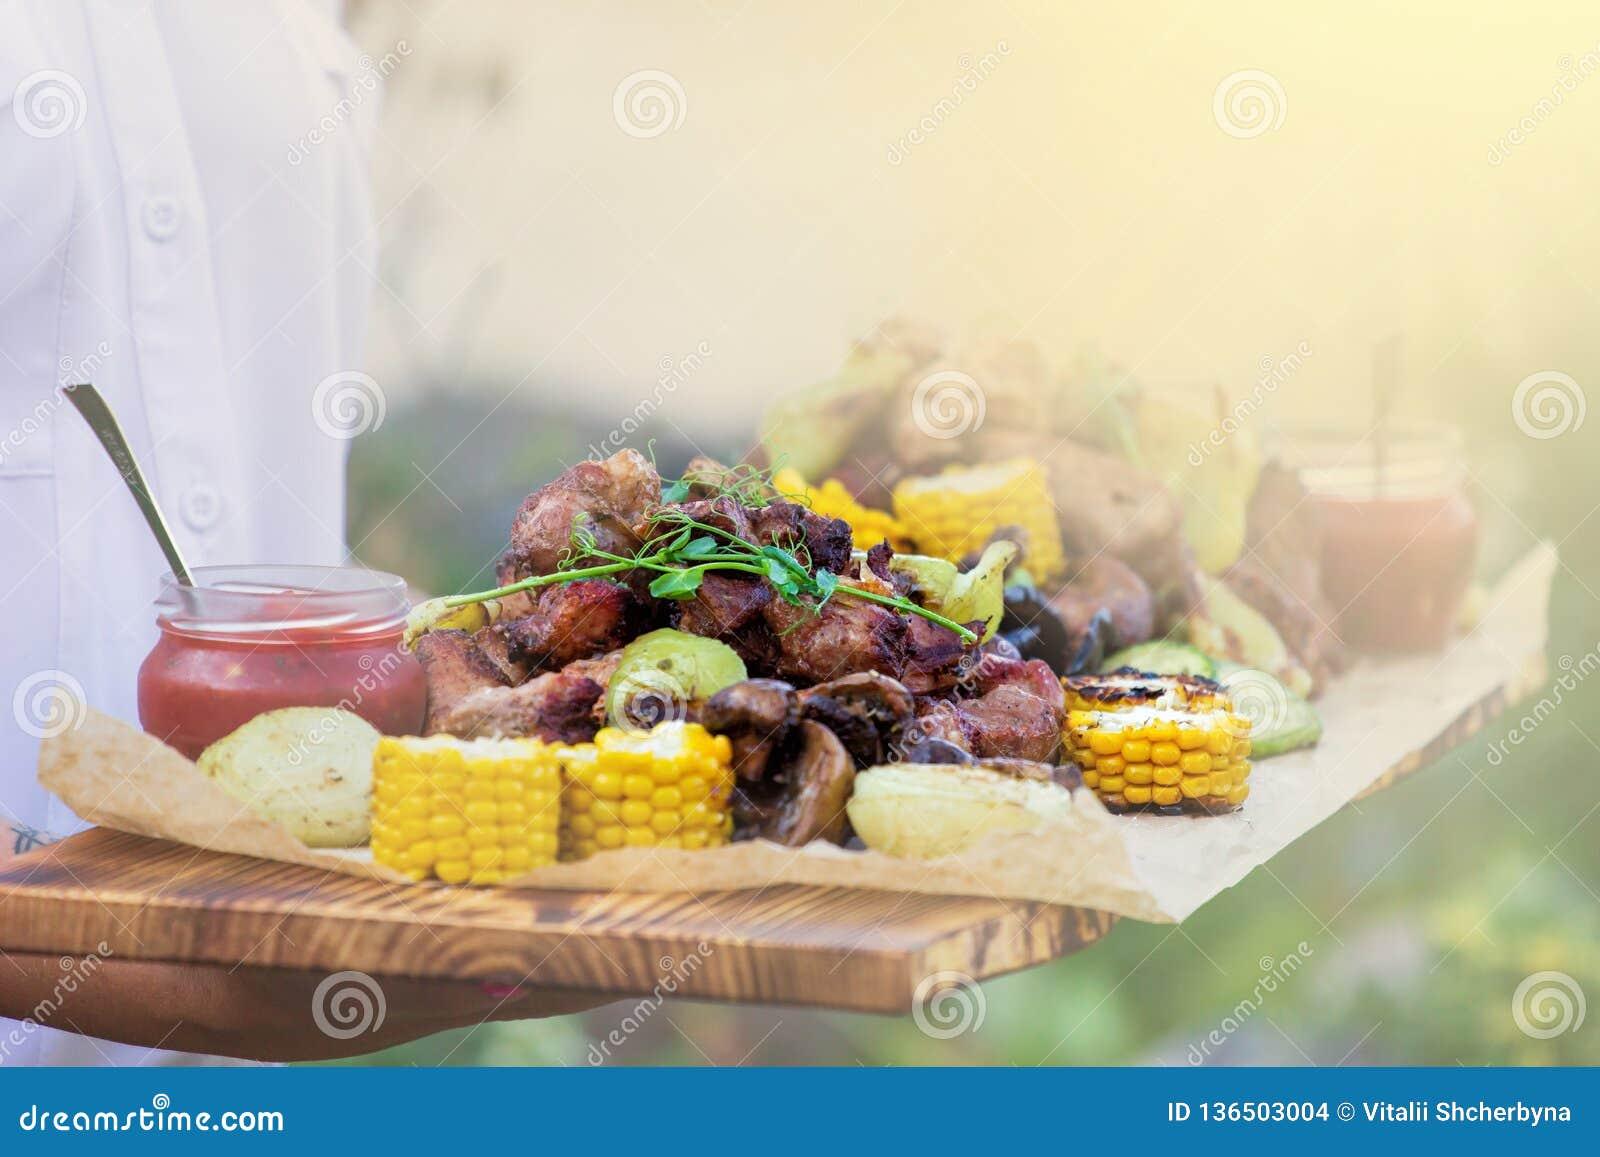 O garçom está oferecendo a carne e vegetais grelhados no dia ensolarado